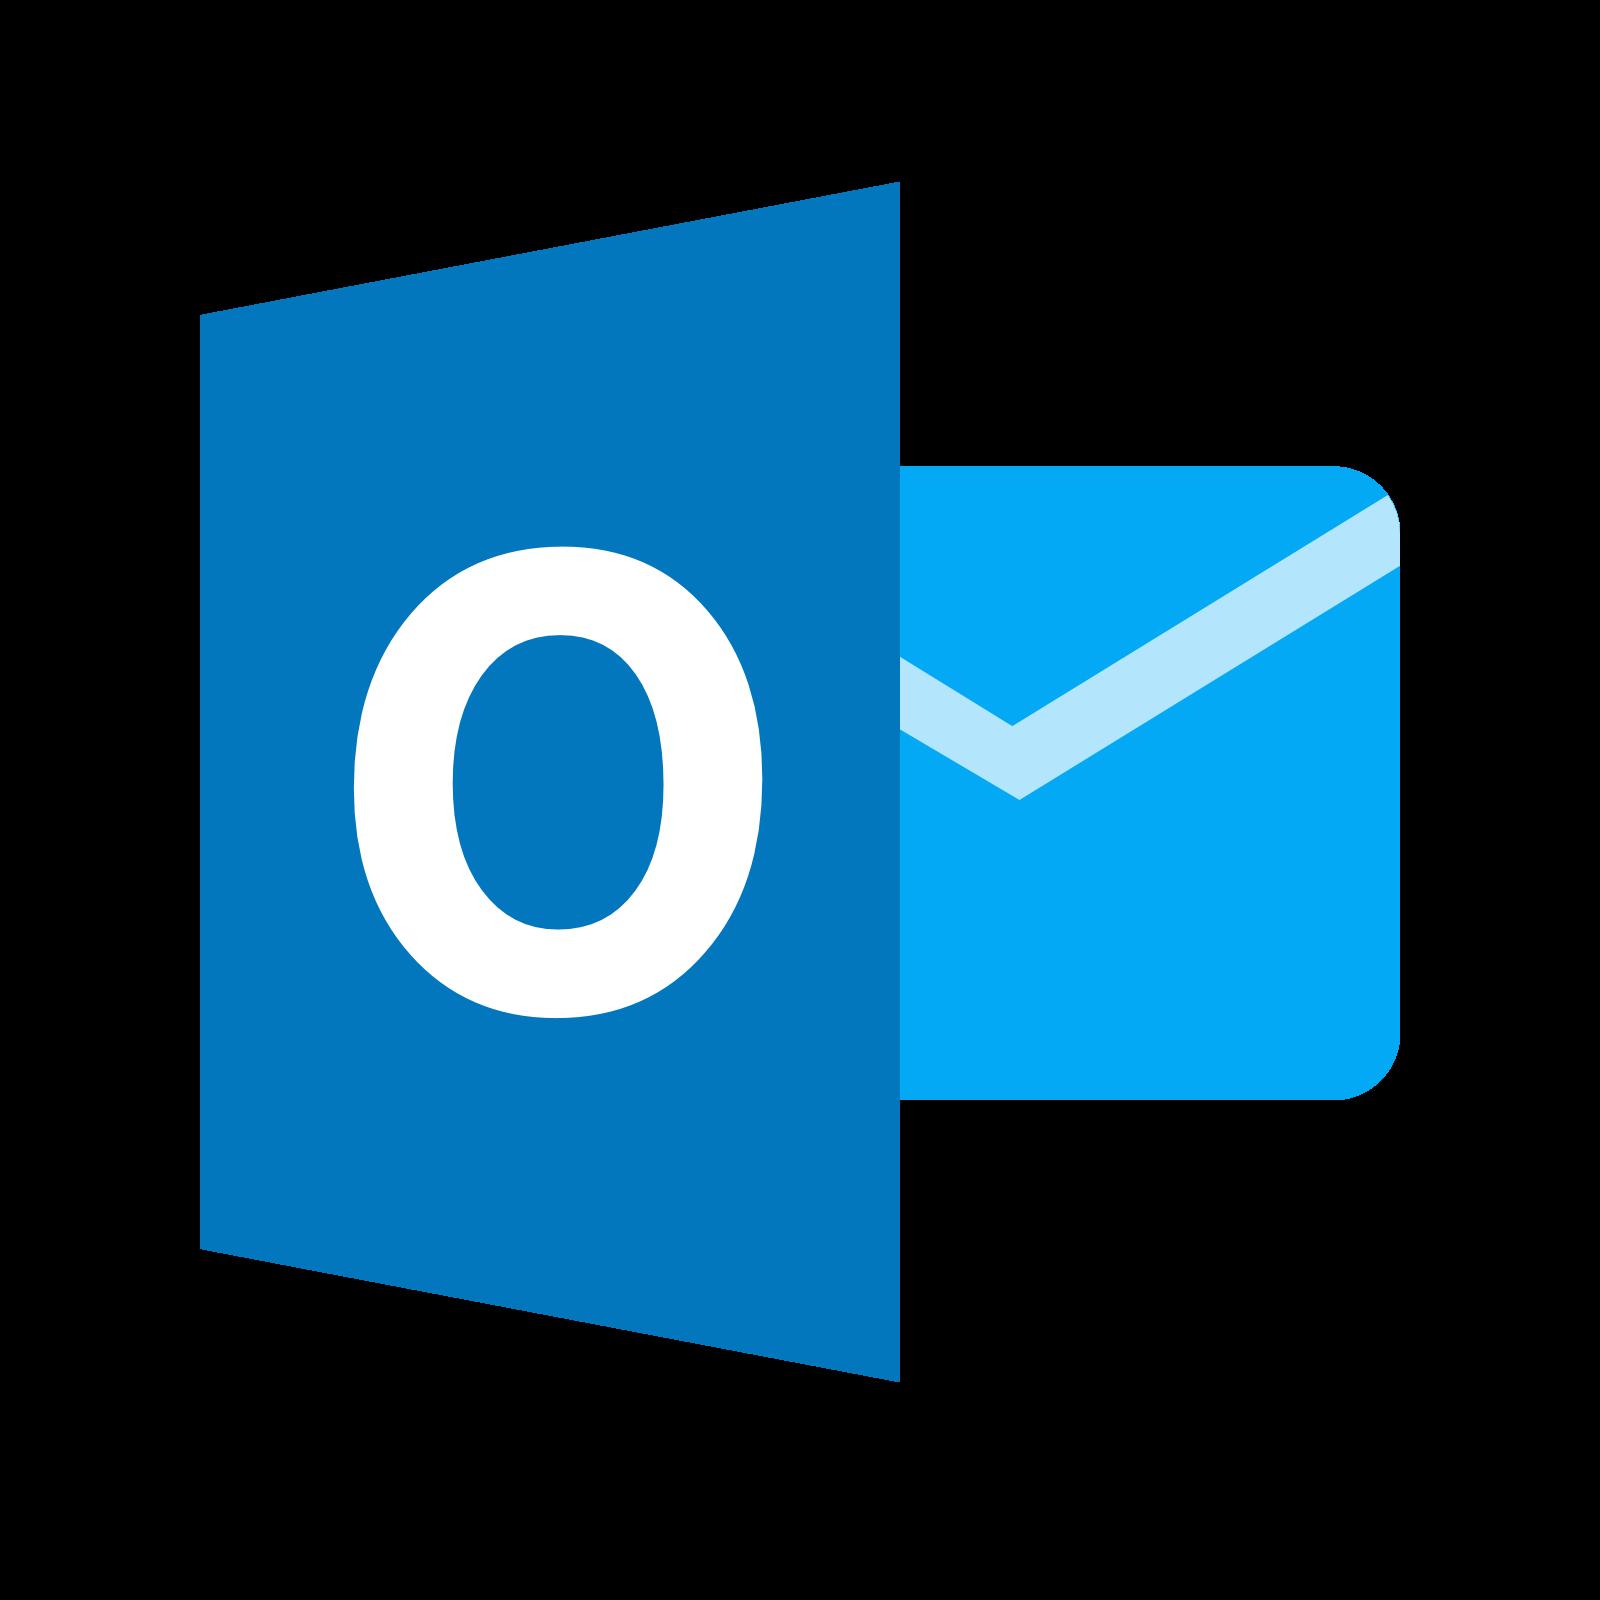 Facebook clipart email signature, Facebook email signature.